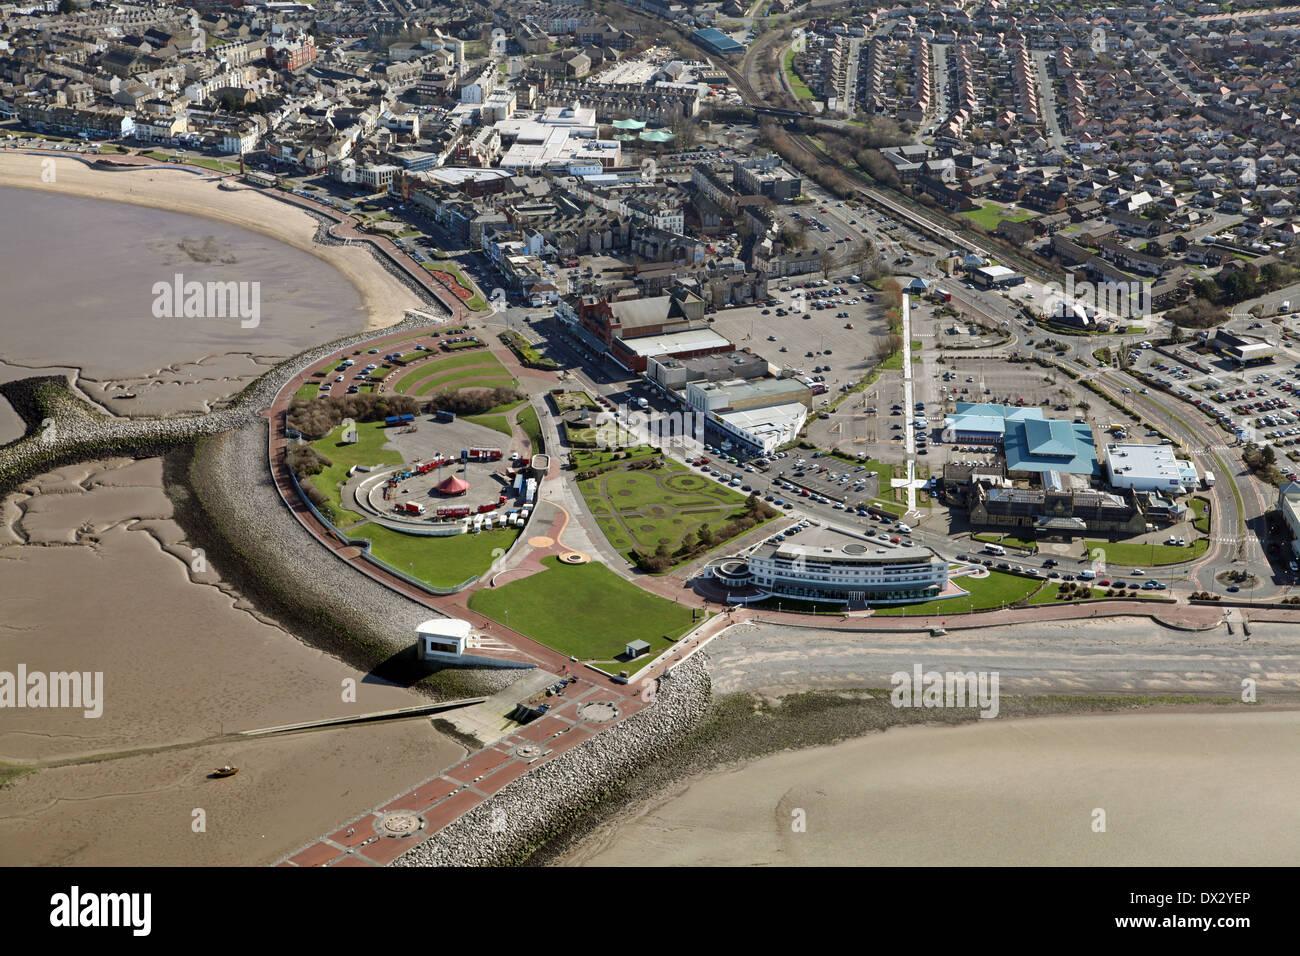 Vista aérea de la ciudad de Morecambe, Morecambe Leisure Park, Paseo Marítimo y playas en Lancashire Imagen De Stock